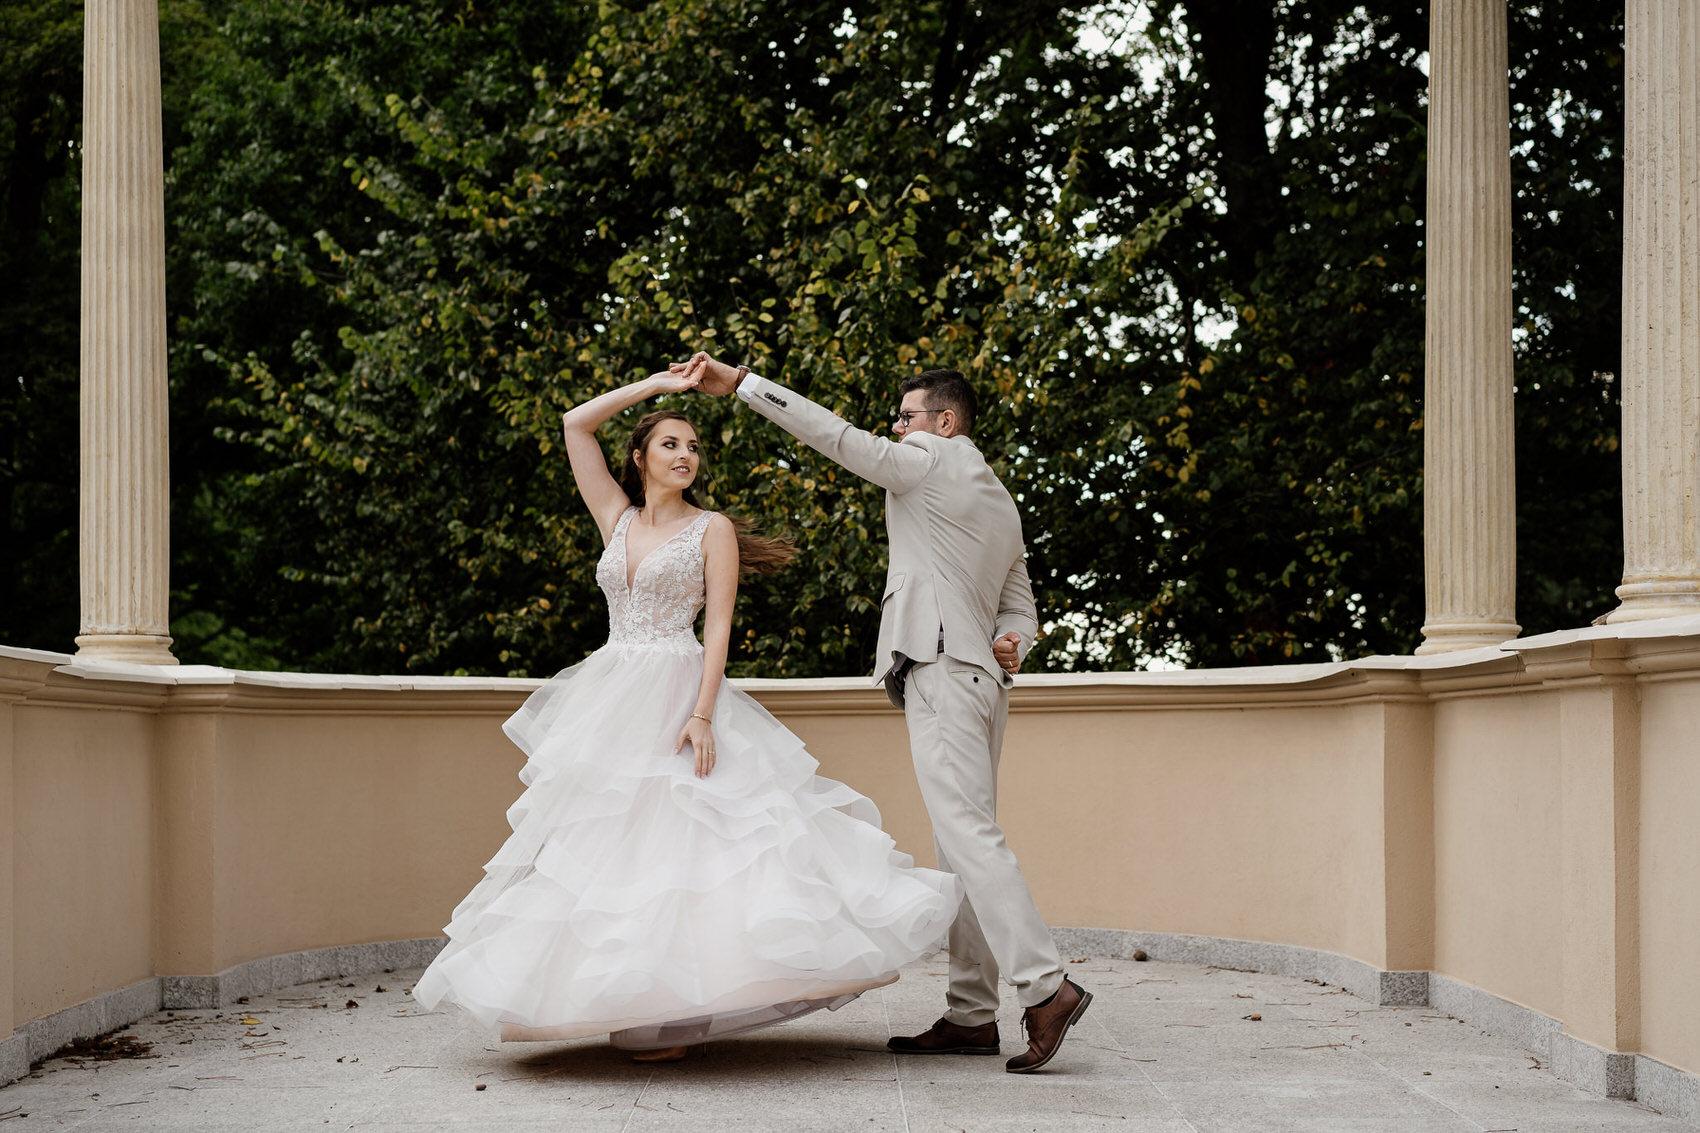 Sesja ślubna w stylu glamur